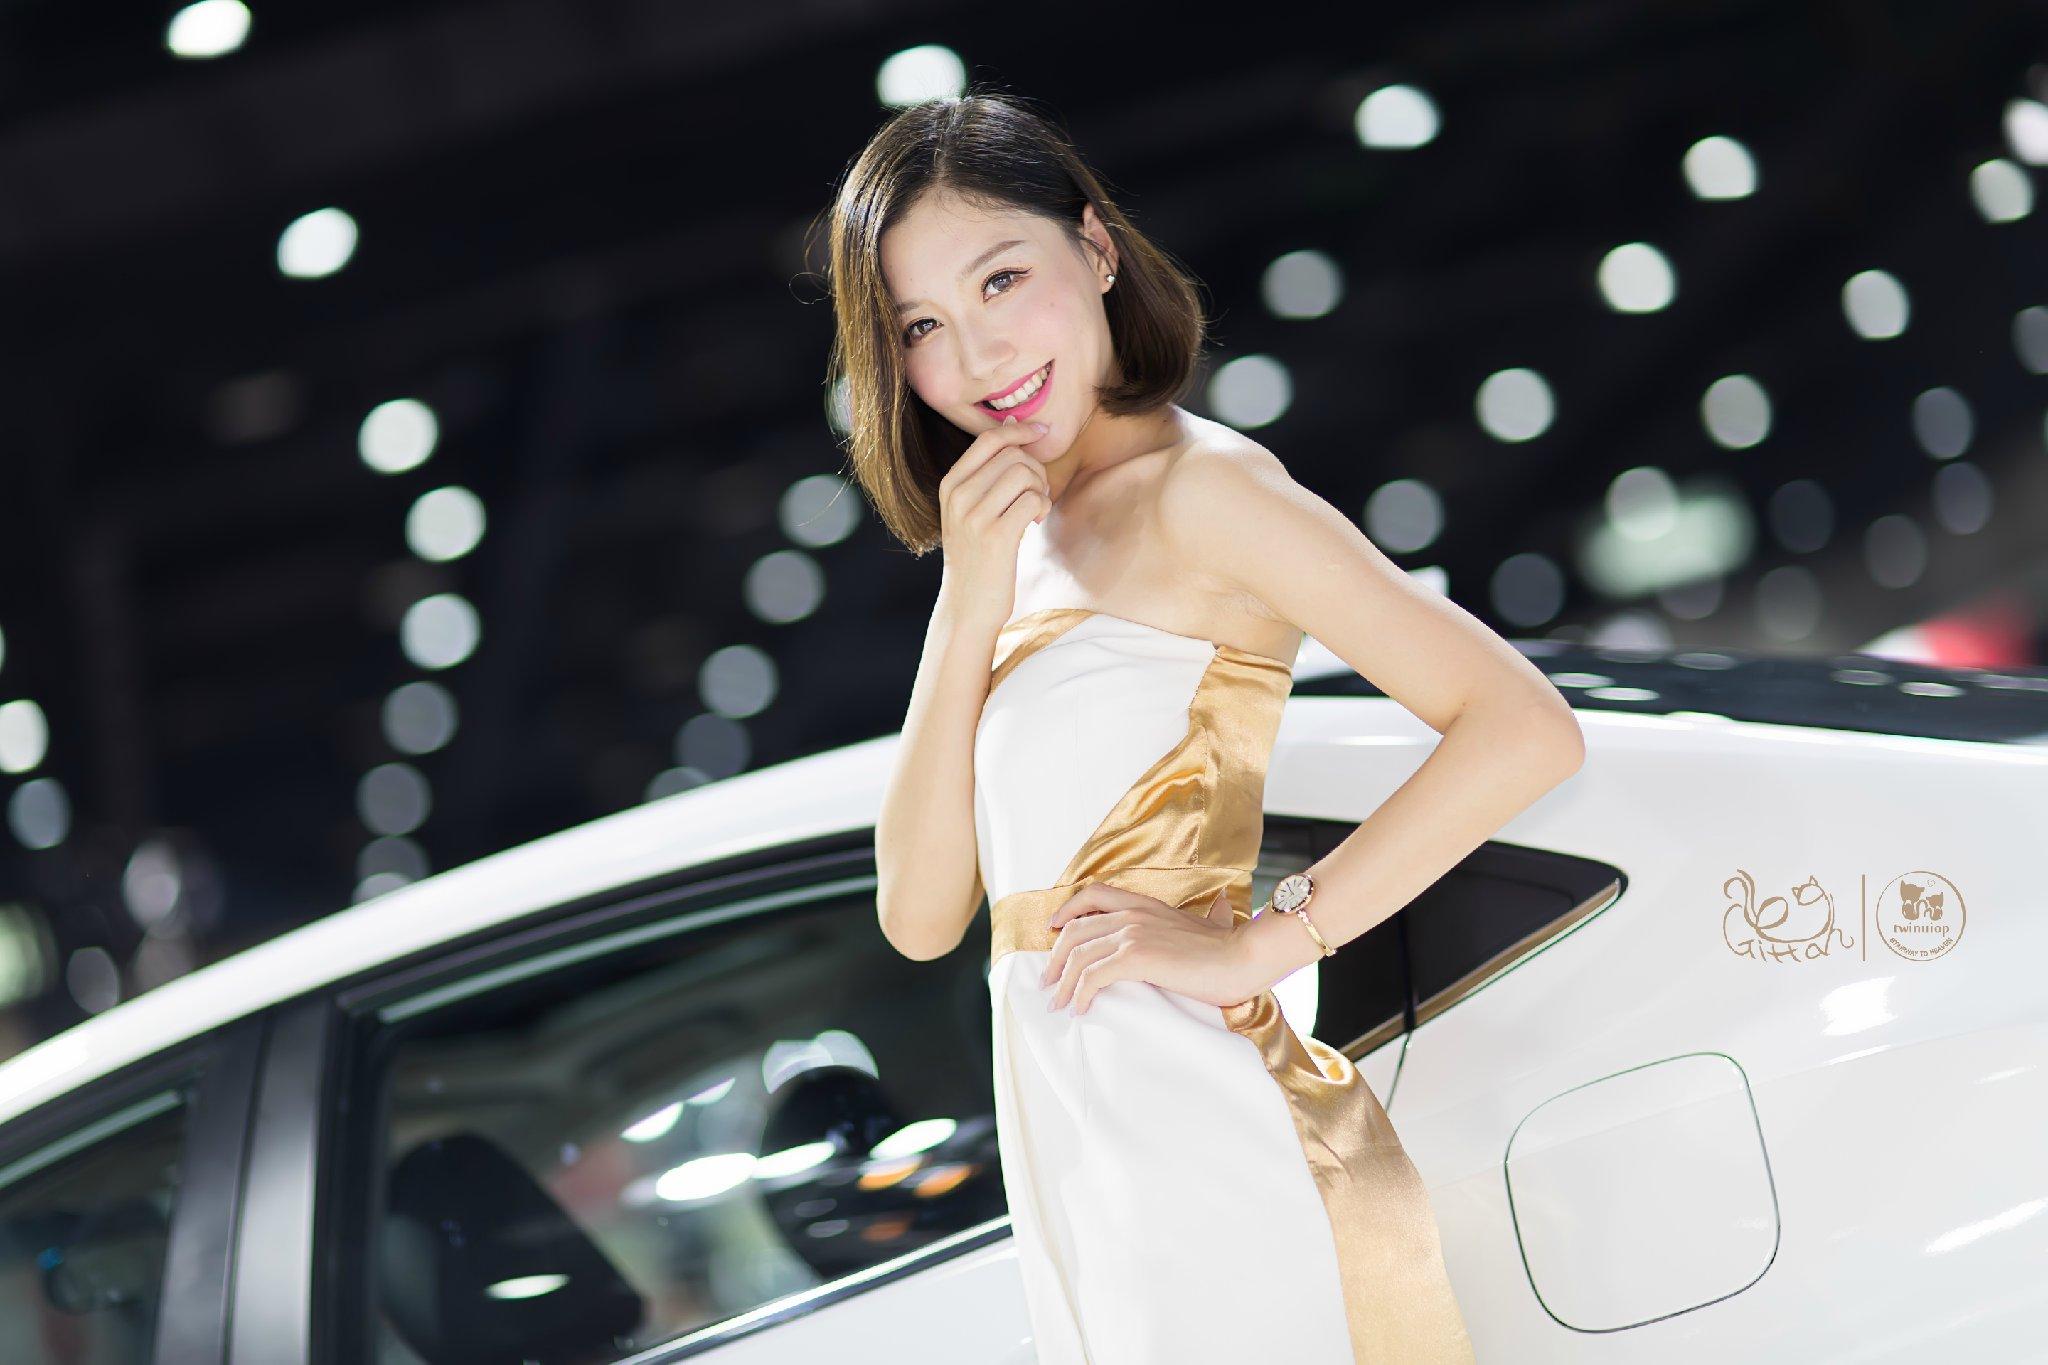 2016大连车展广汽本田展台身穿白色抹胸裙的美女车模彤彤美腿诱惑